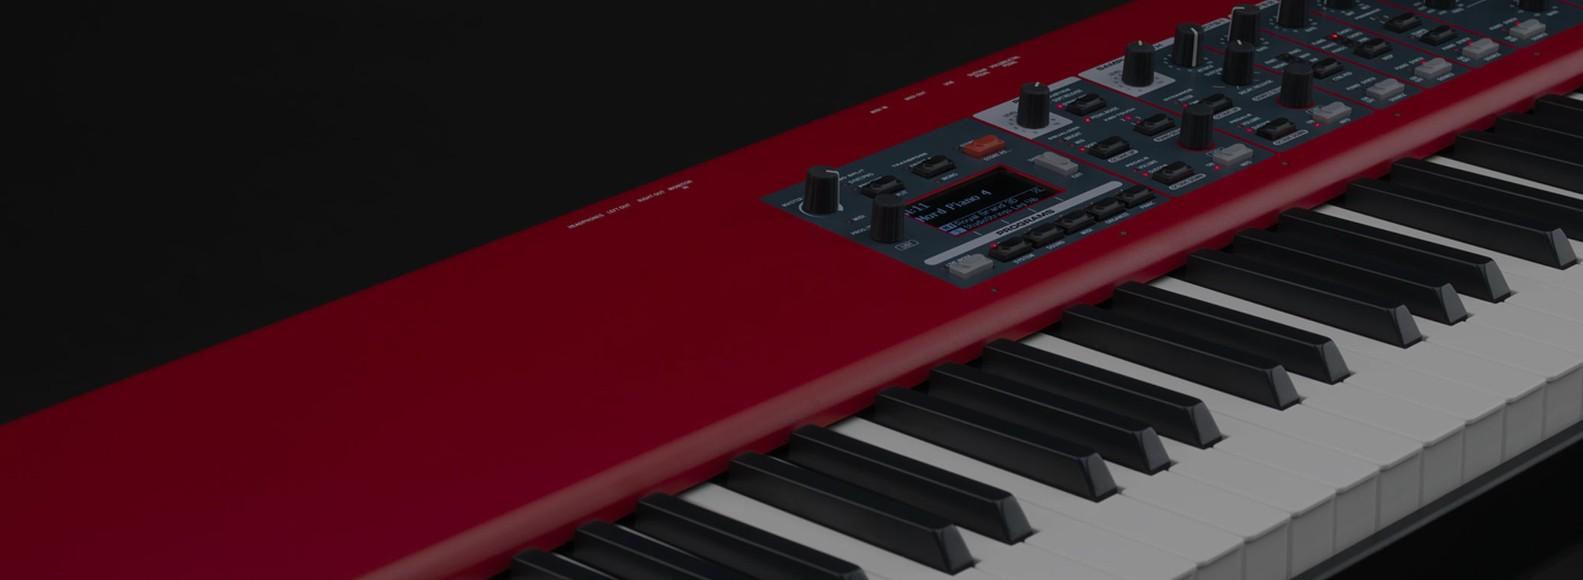 Claviers yamaha